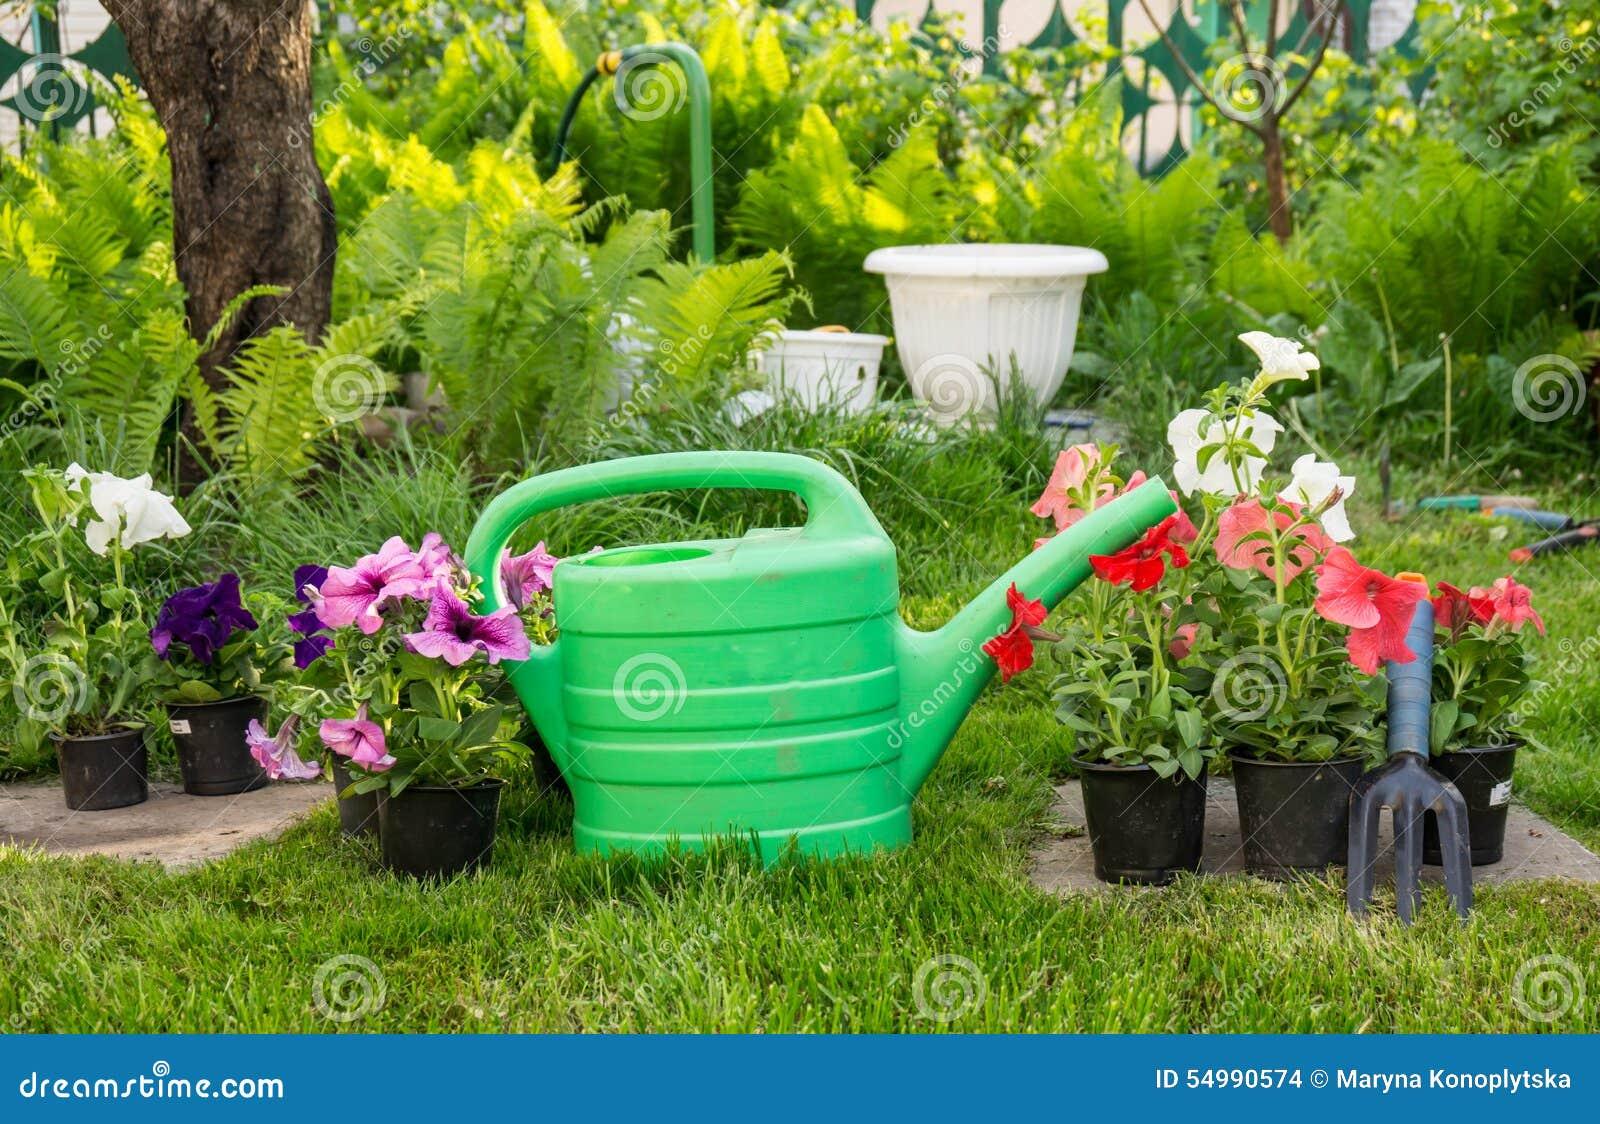 Travaillez Dans Le Jardin Comme Festin Pour L Ame Photo